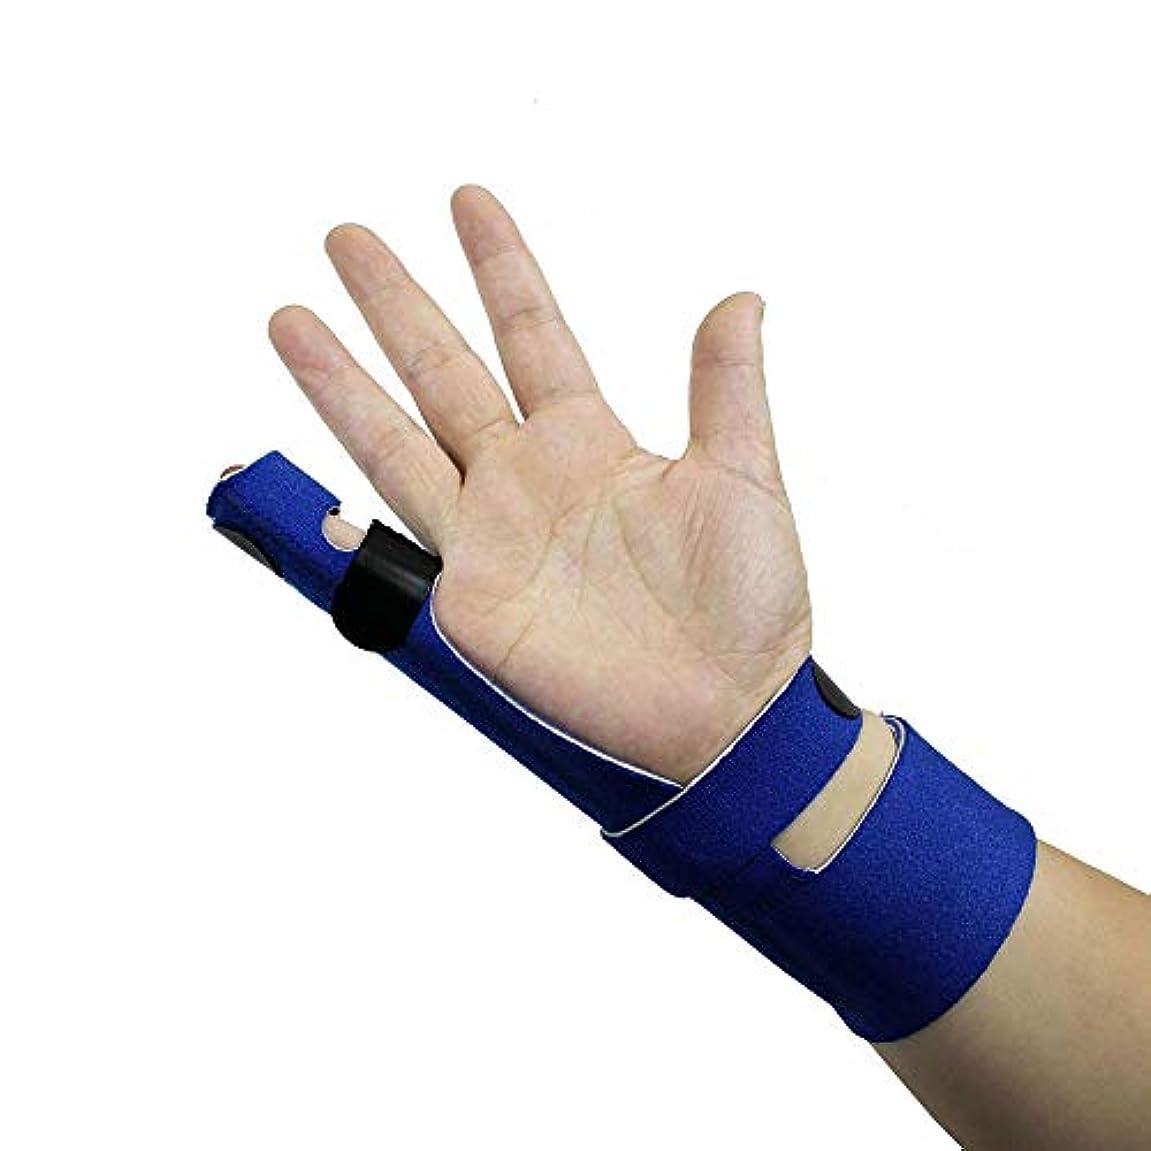 啓発する呼びかける静めるフィンガーエクステンションスプリント、腱炎の痛みの軽減、トリガーフィンガー、マレットフィンガー、関節炎フィンガースプリントの指の骨折または骨折